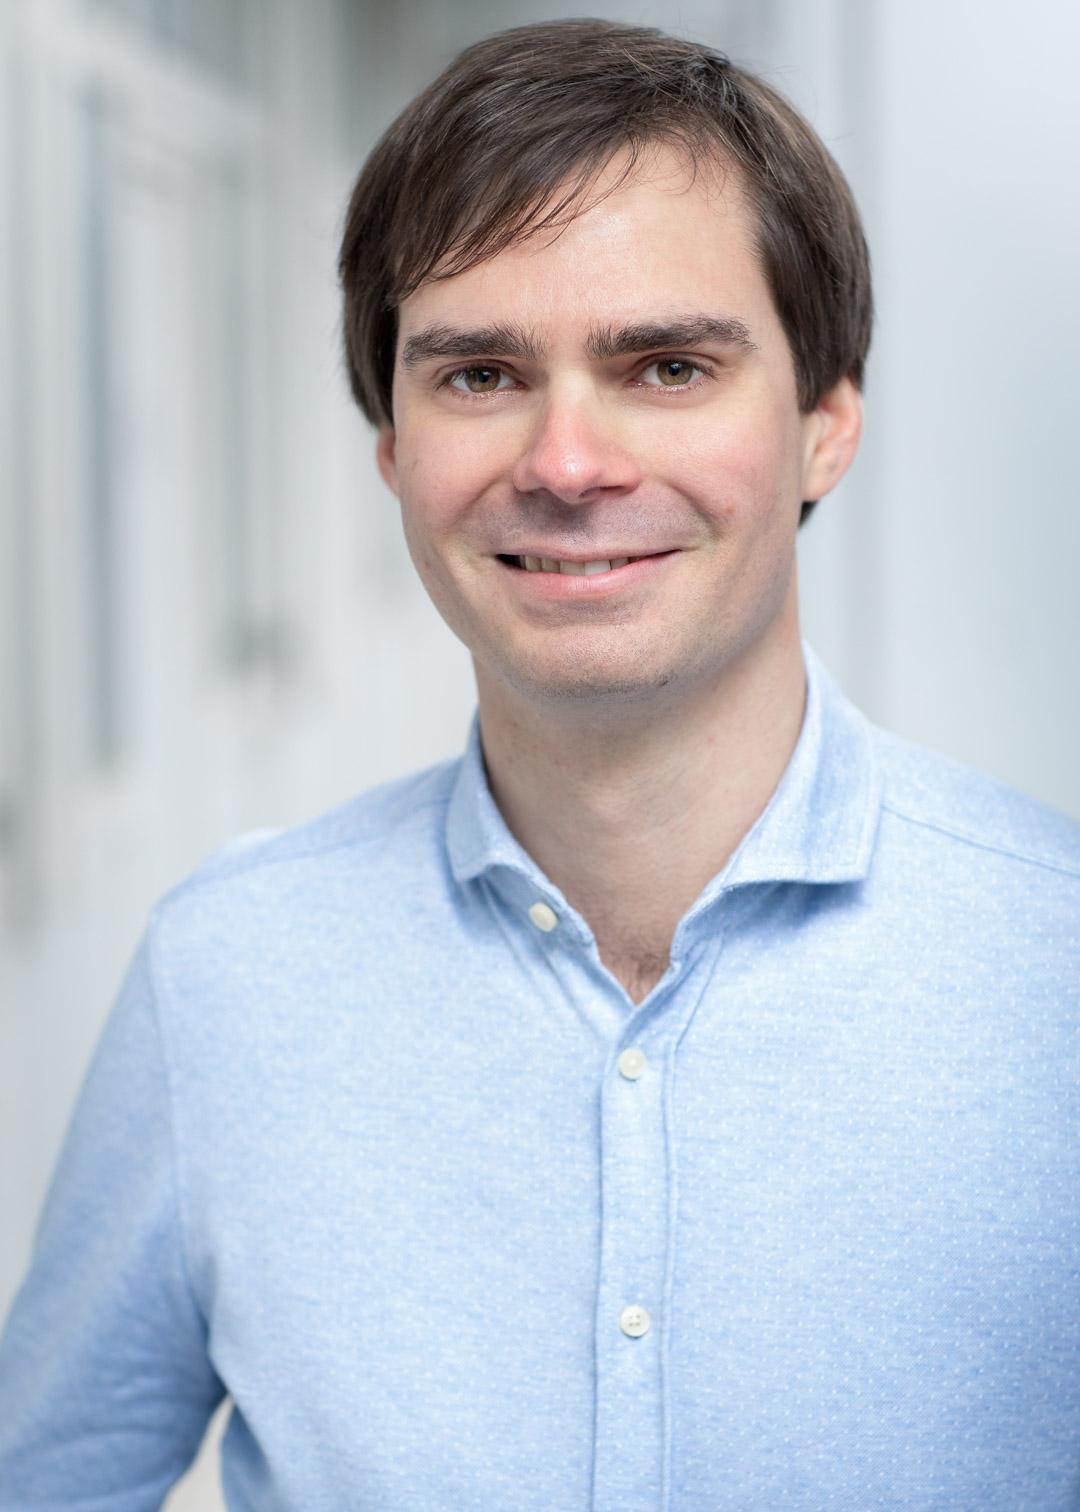 Andreas Mehltretter - Ihr Bundestagskandidat